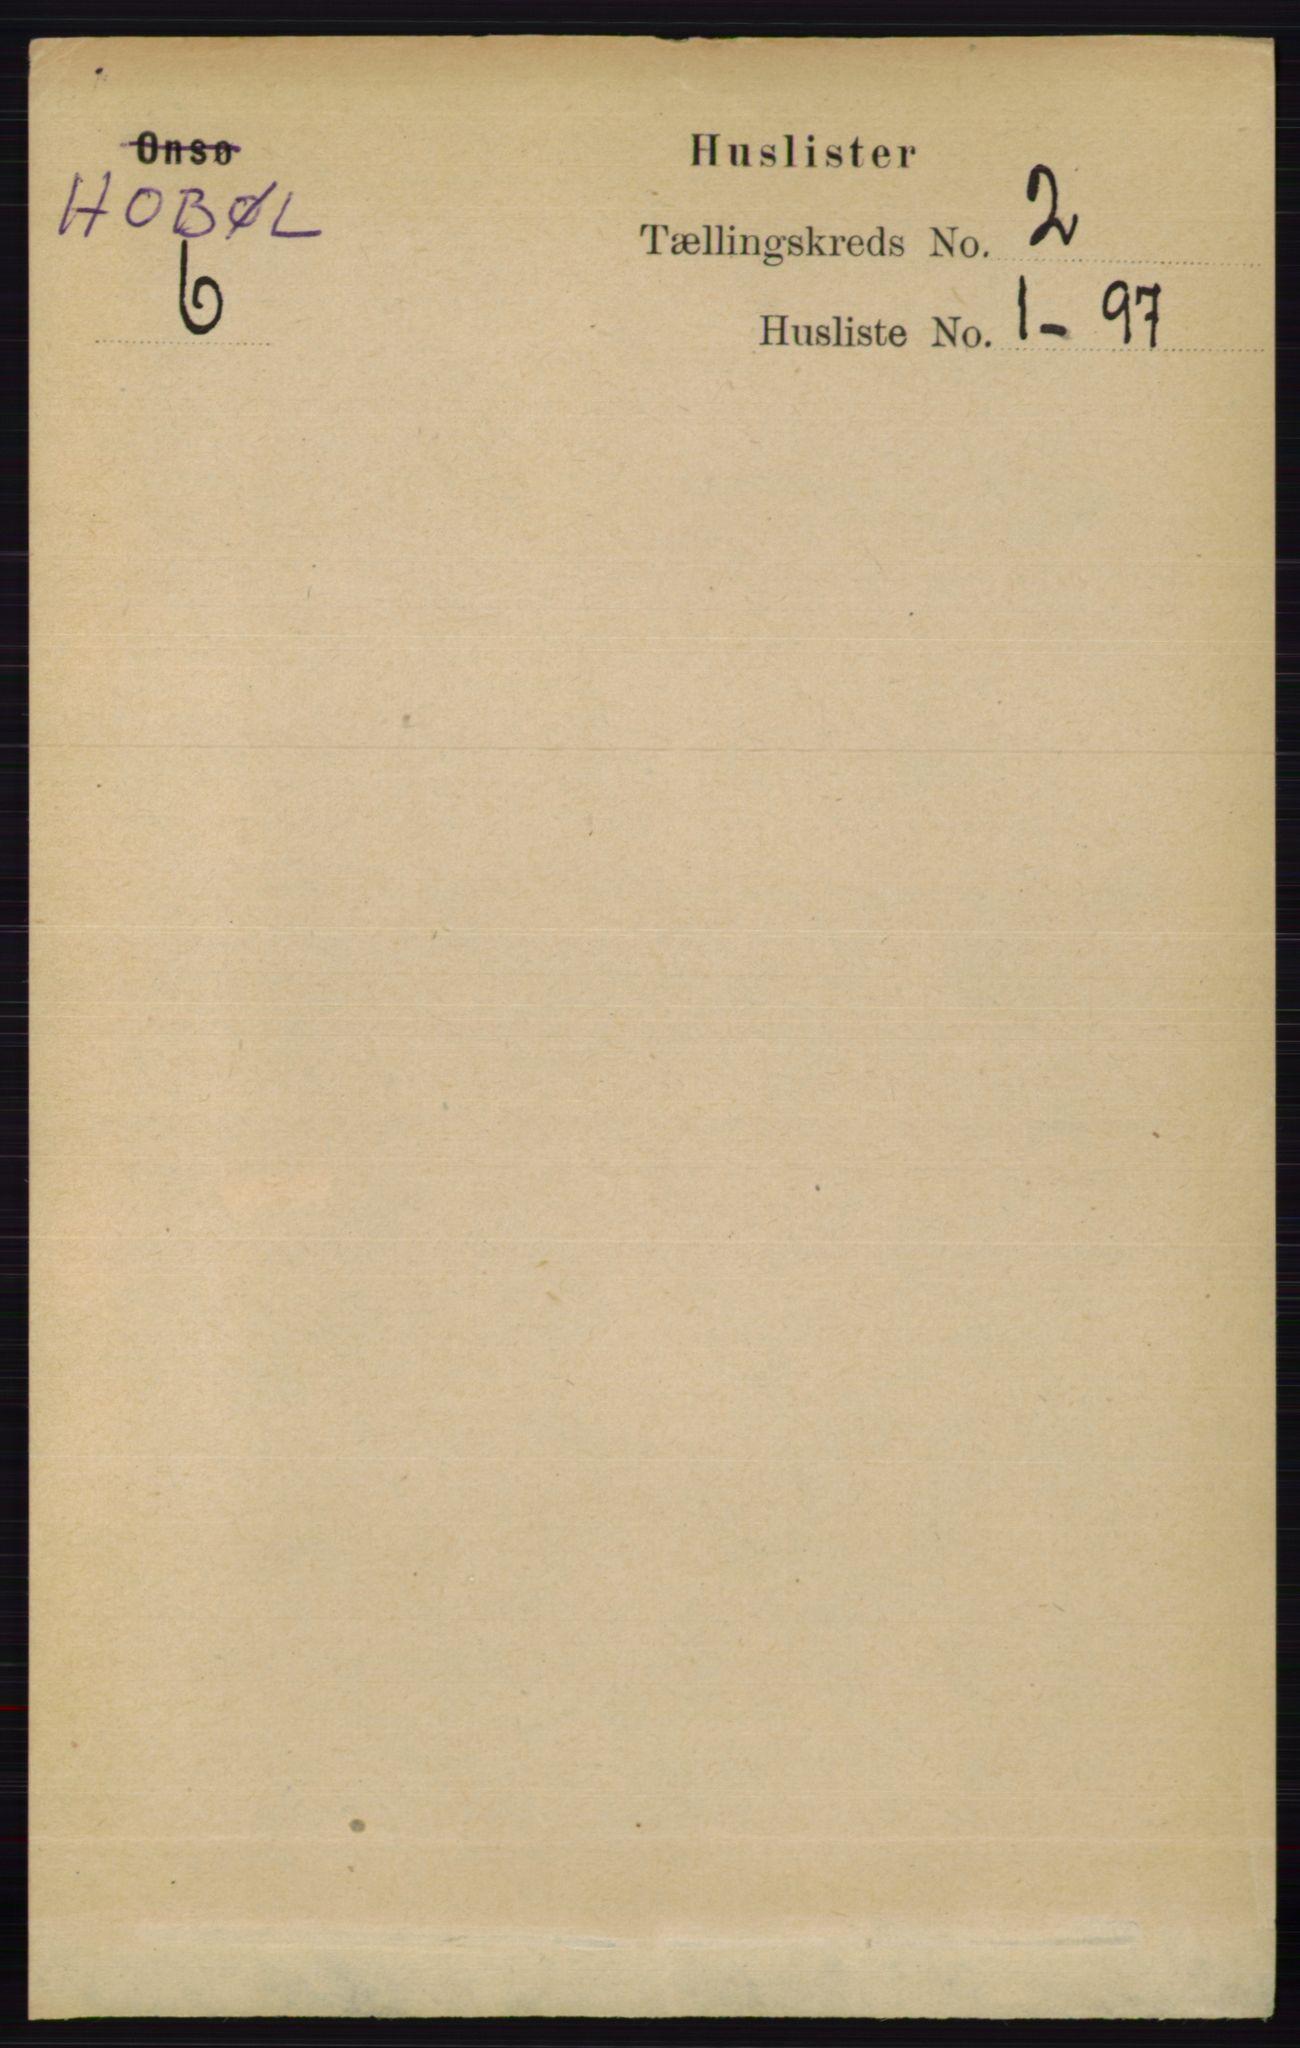 RA, Folketelling 1891 for 0138 Hobøl herred, 1891, s. 926